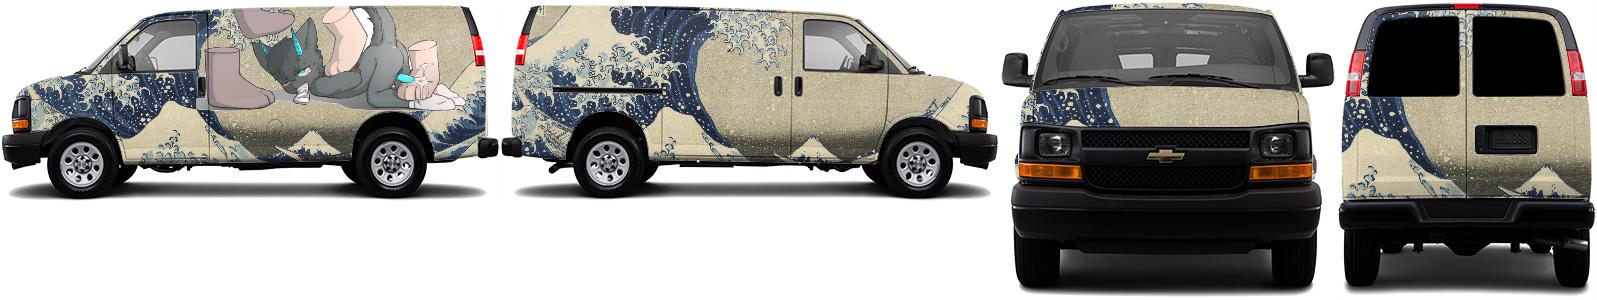 Cargo Van Wrap #51638